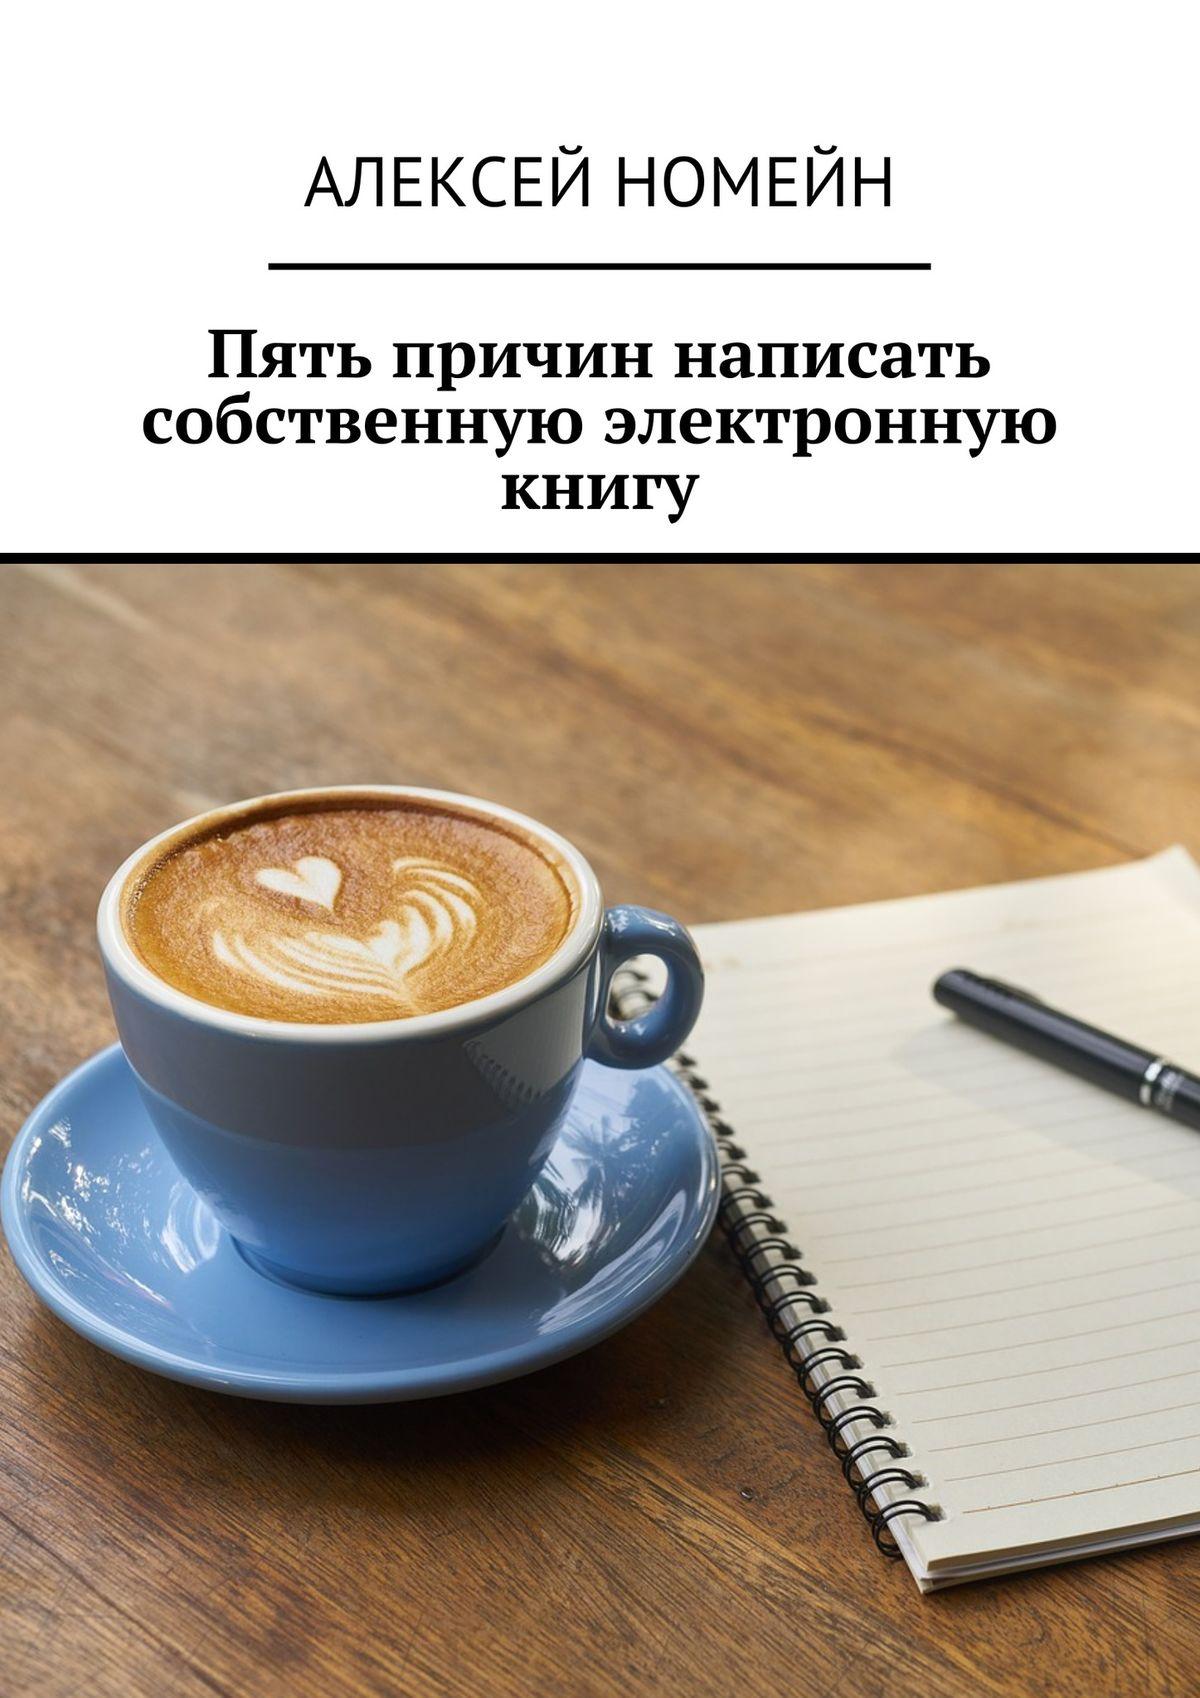 Алексей Номейн Пять причин написать собственную электронную книгу